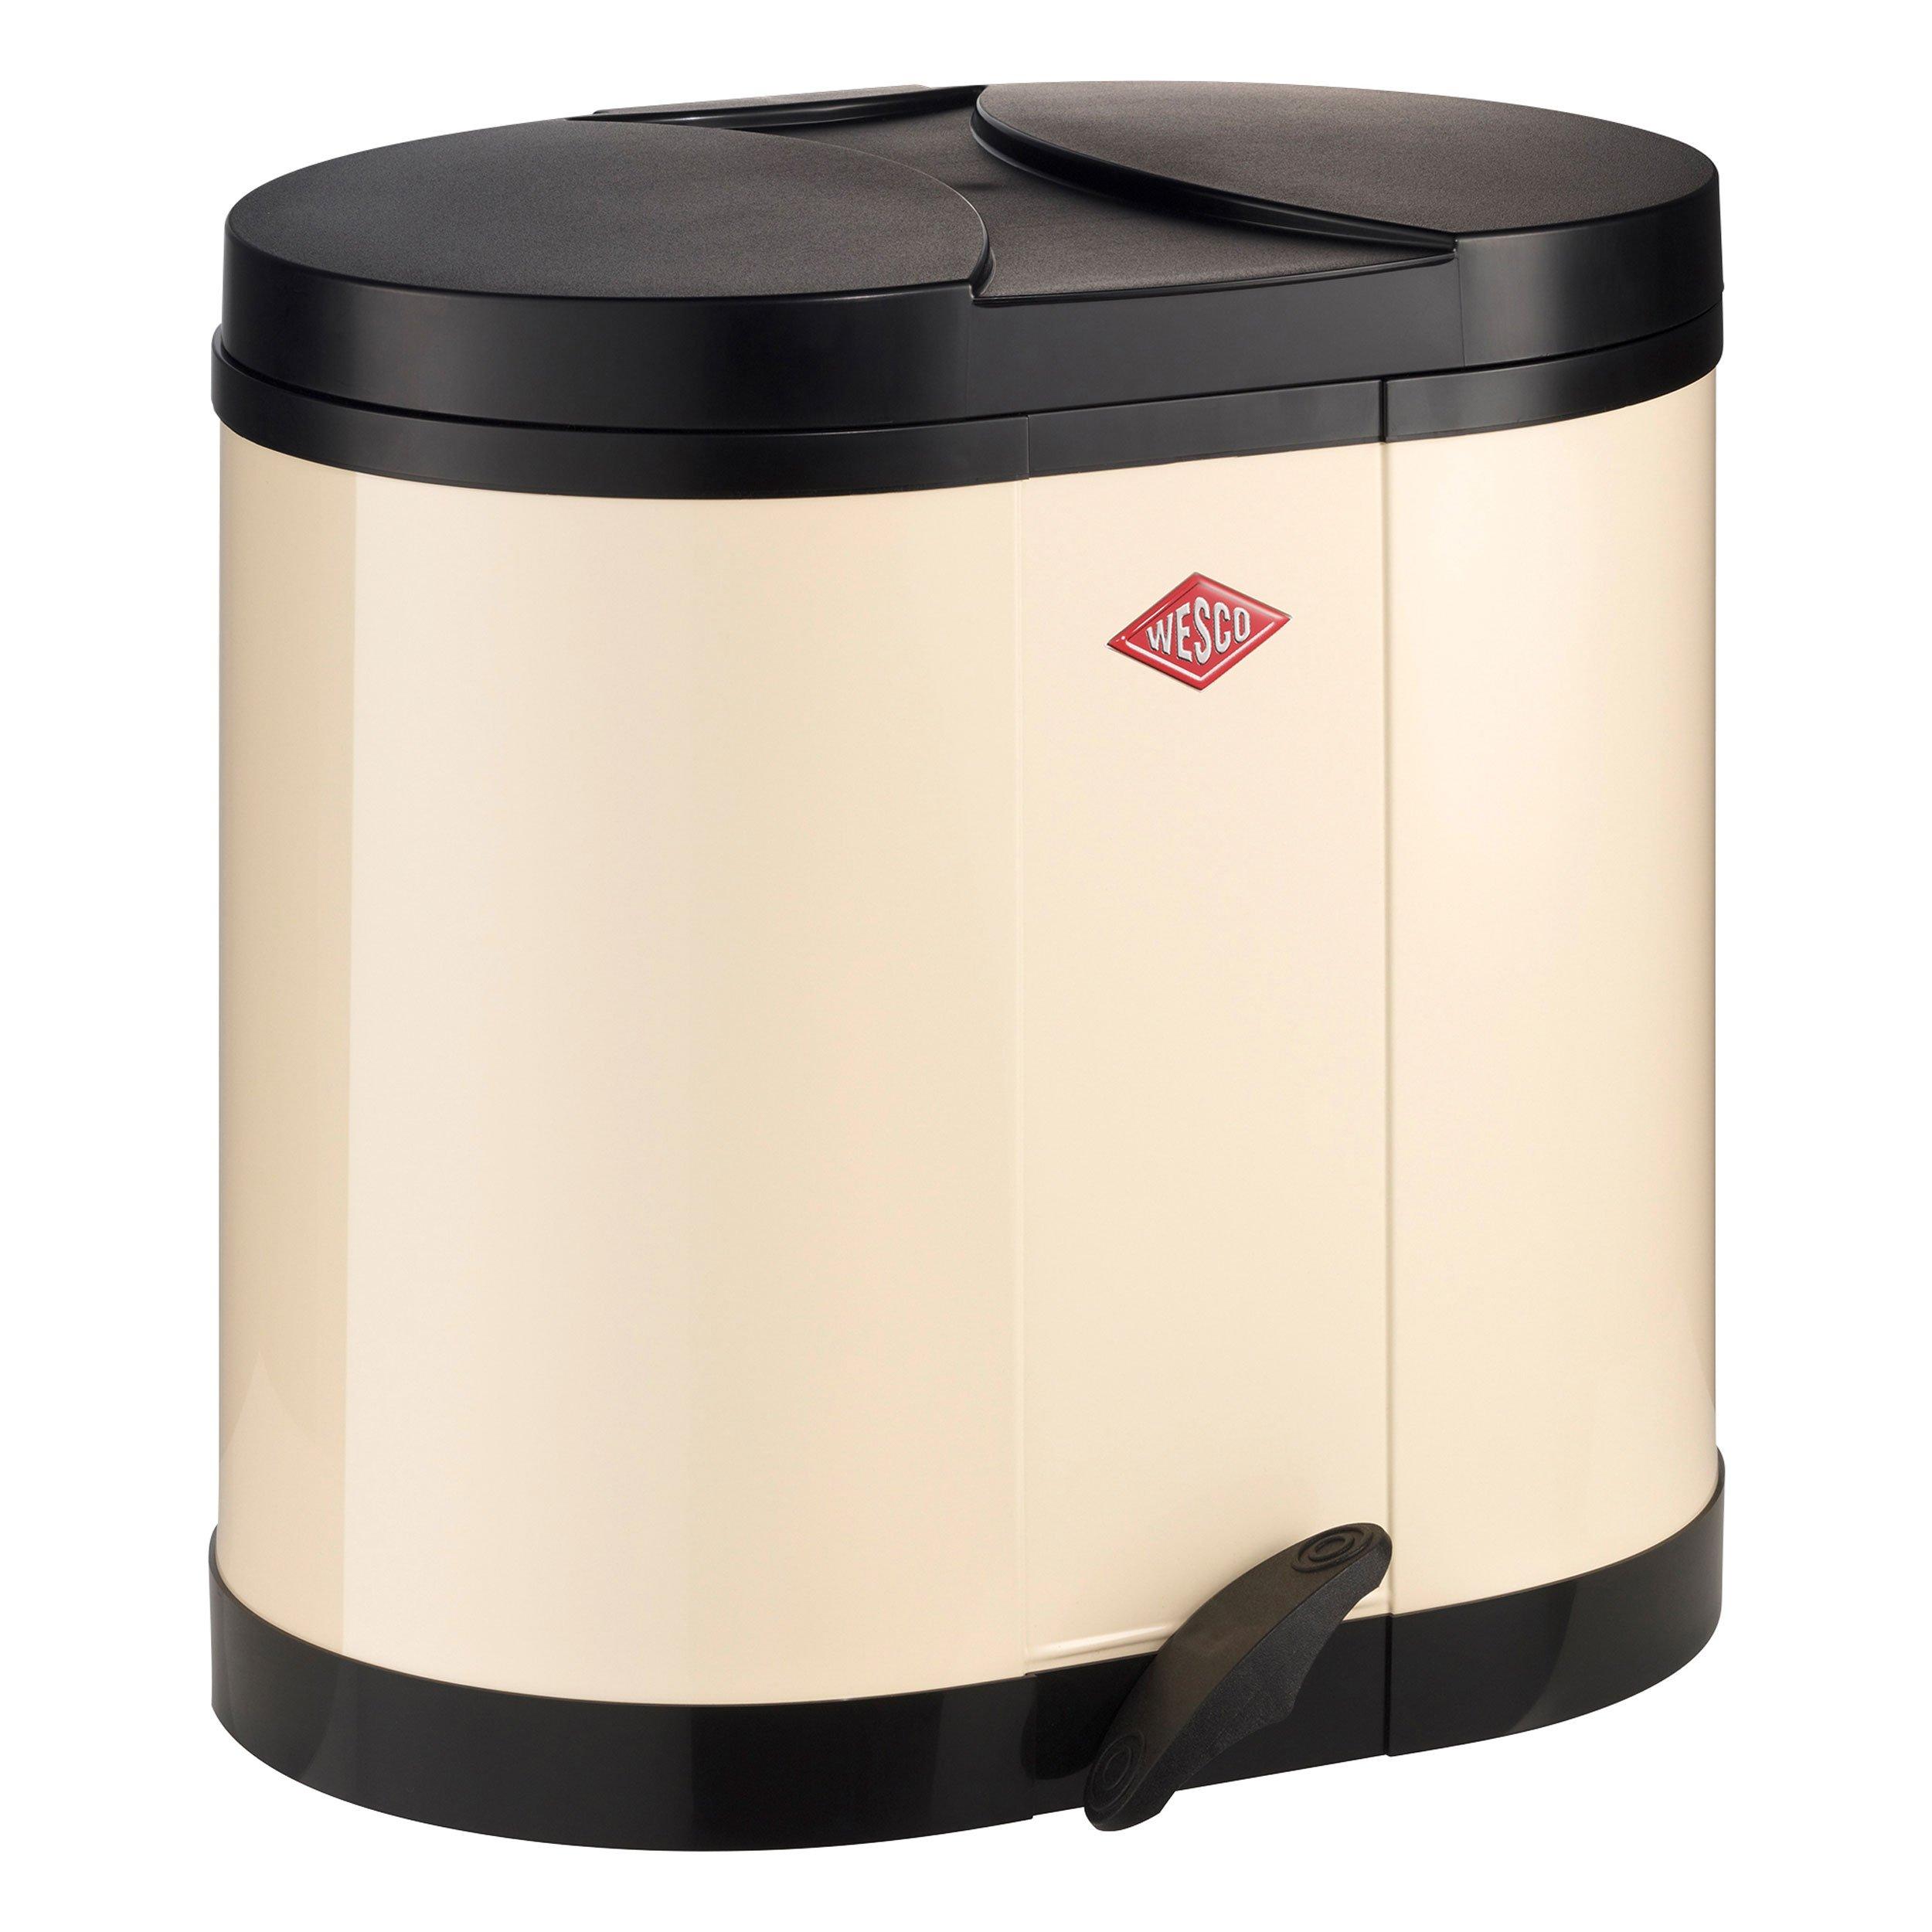 Wesco 170 611-23 Eco Bin 2 x 15 L Almond